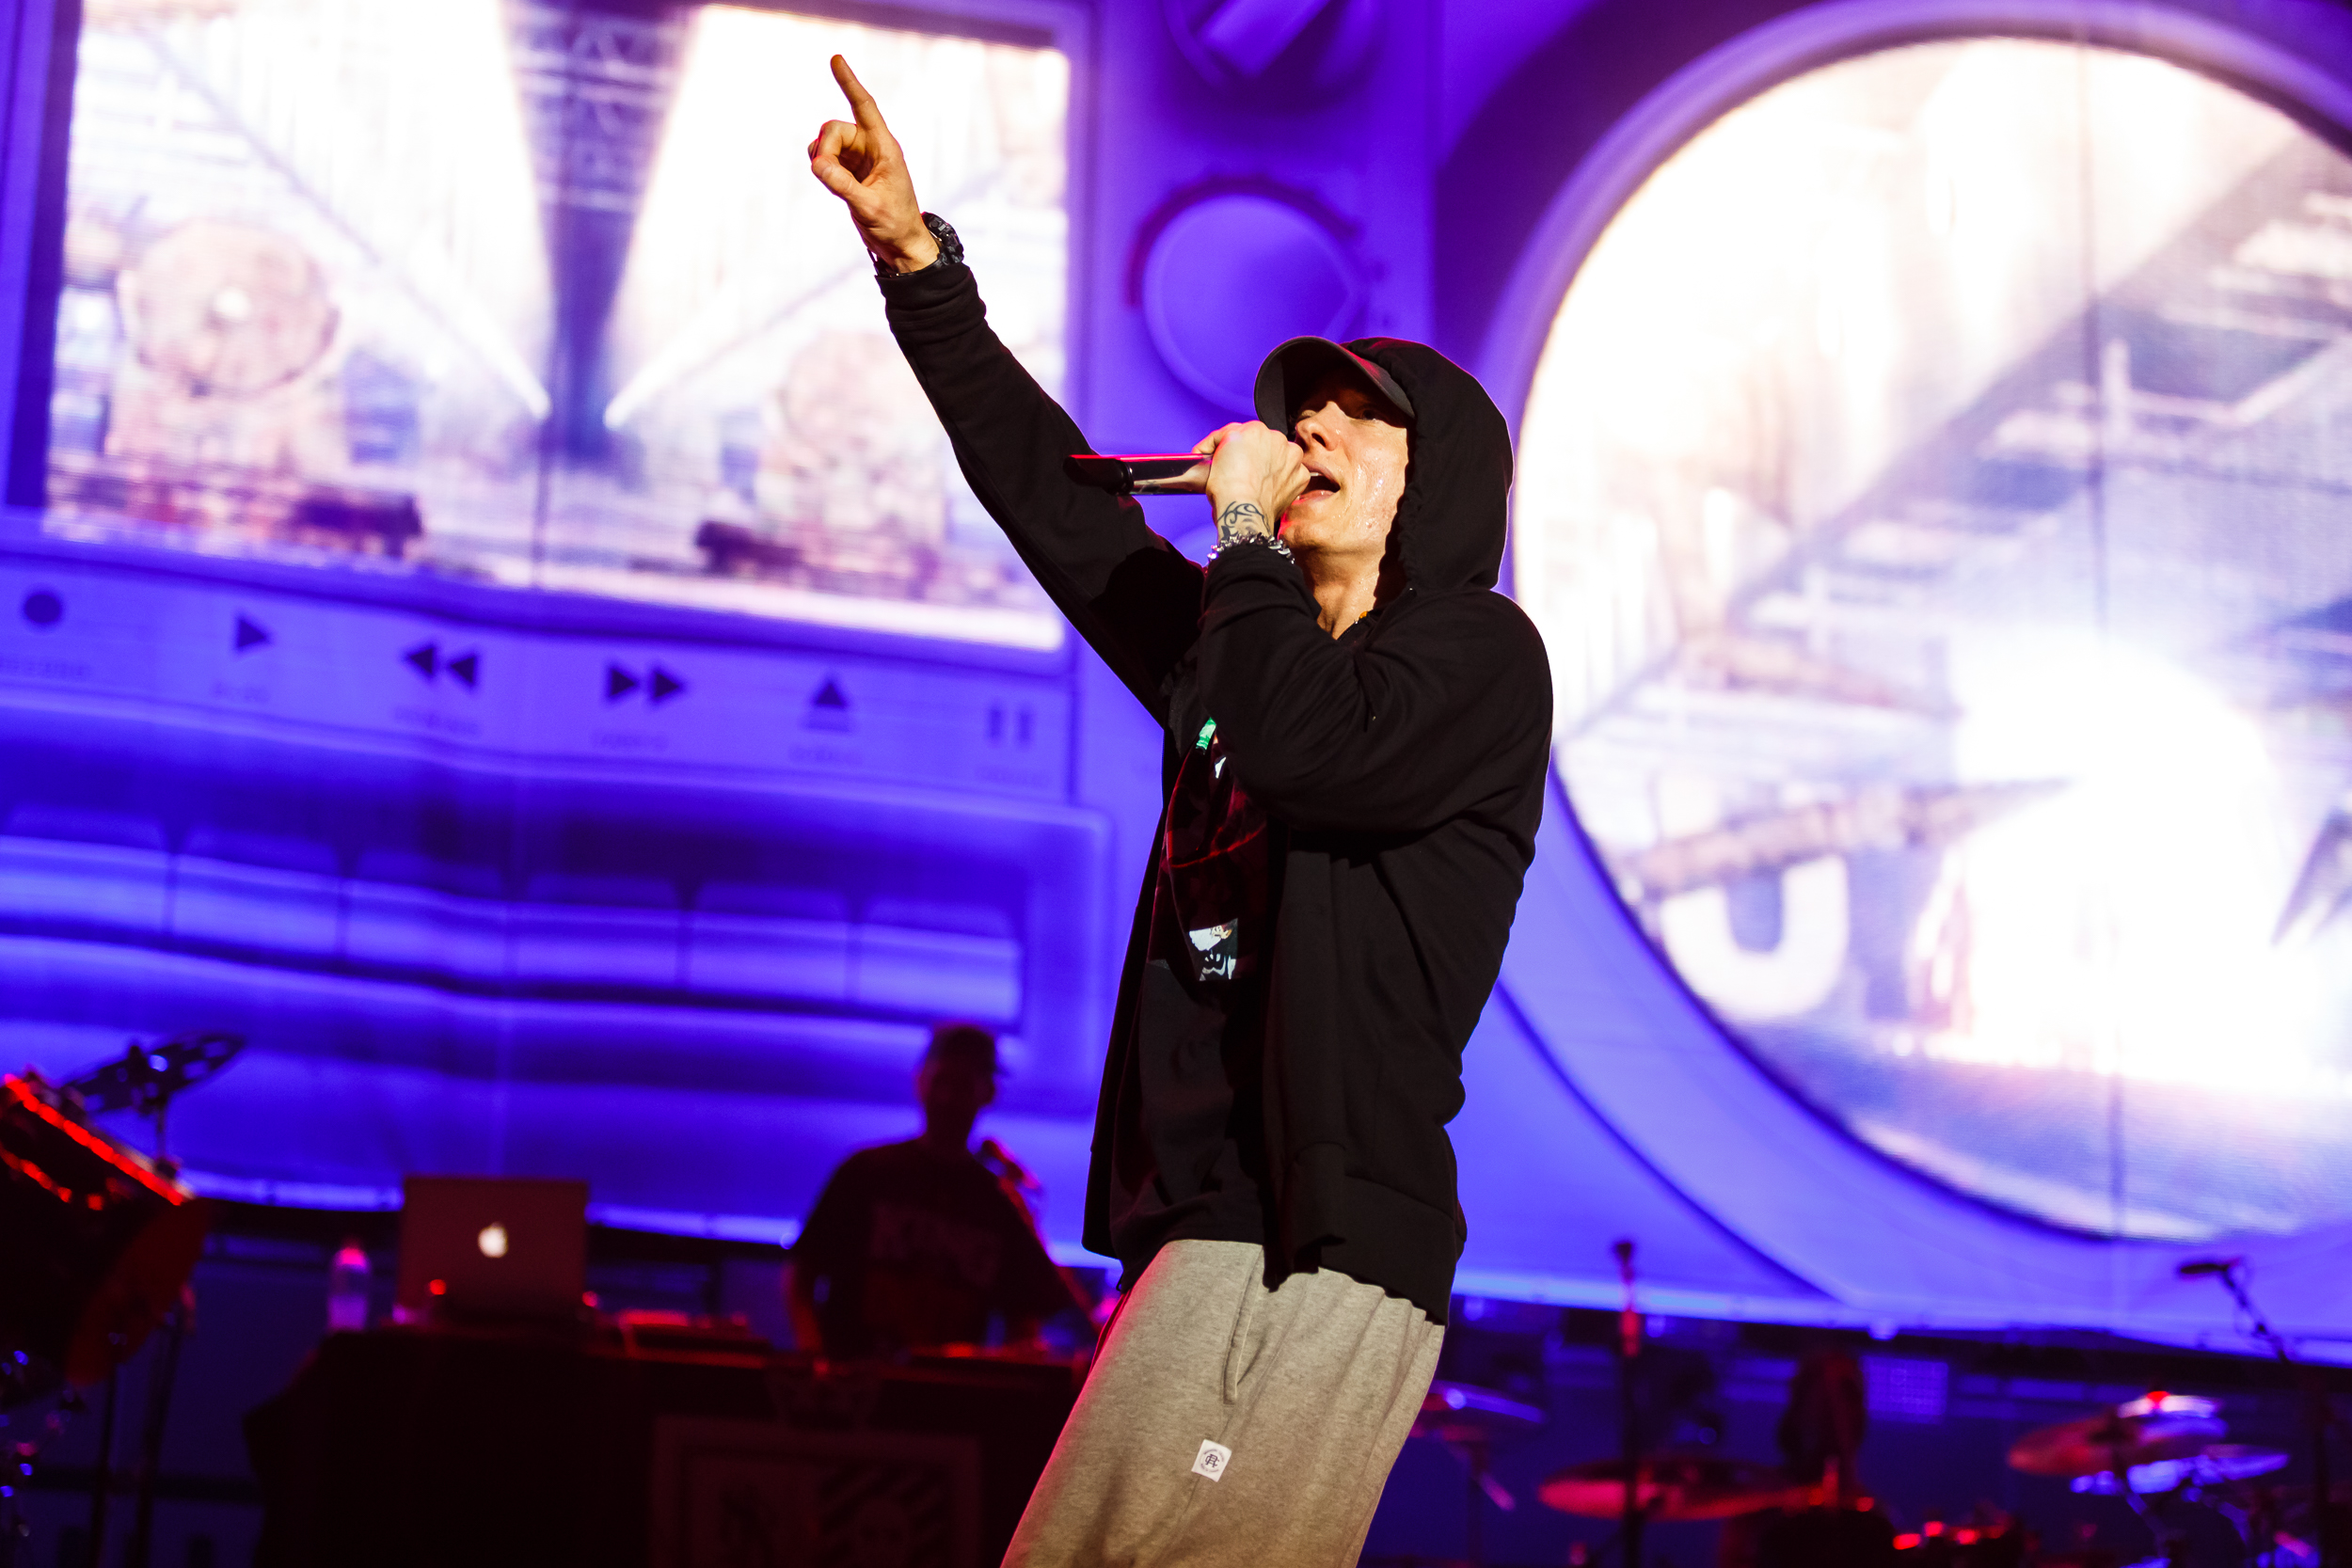 Eminem_photo1.jpg